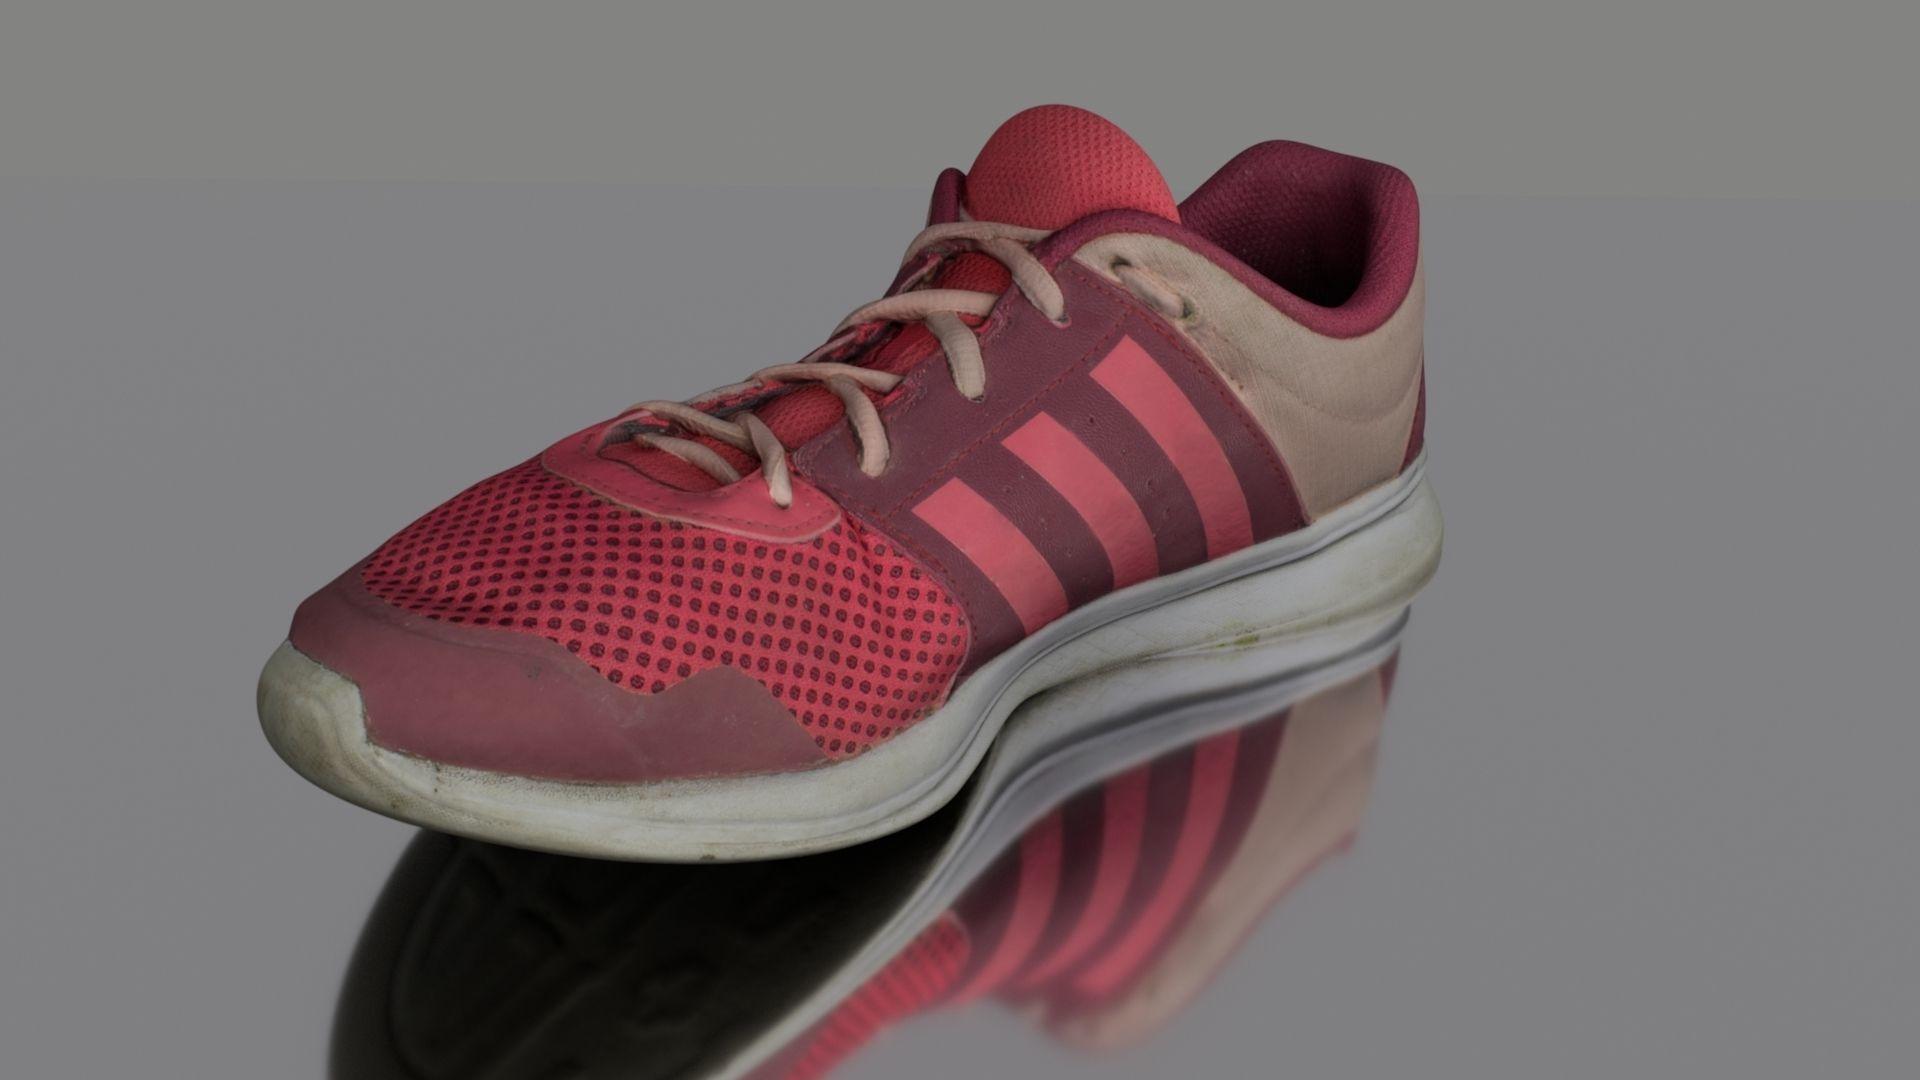 Worn sneaker low poly 3D model